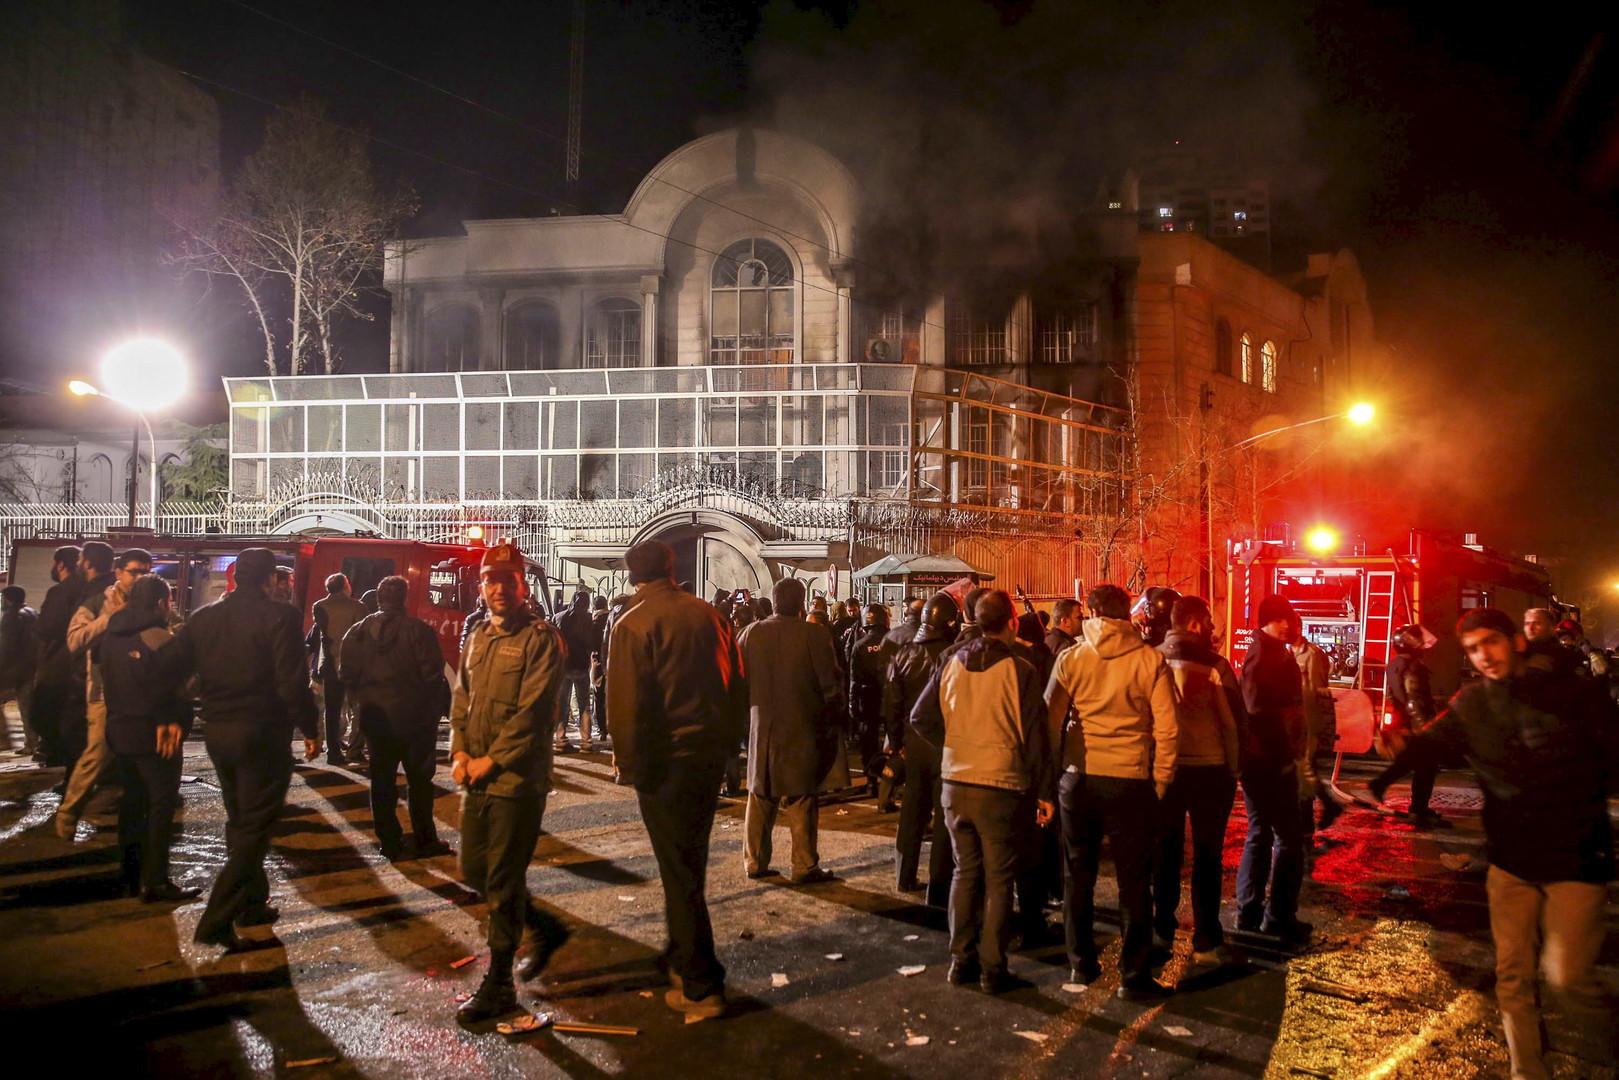 حمله کنندگان به سفارت عربستان، بسیجی نبودند